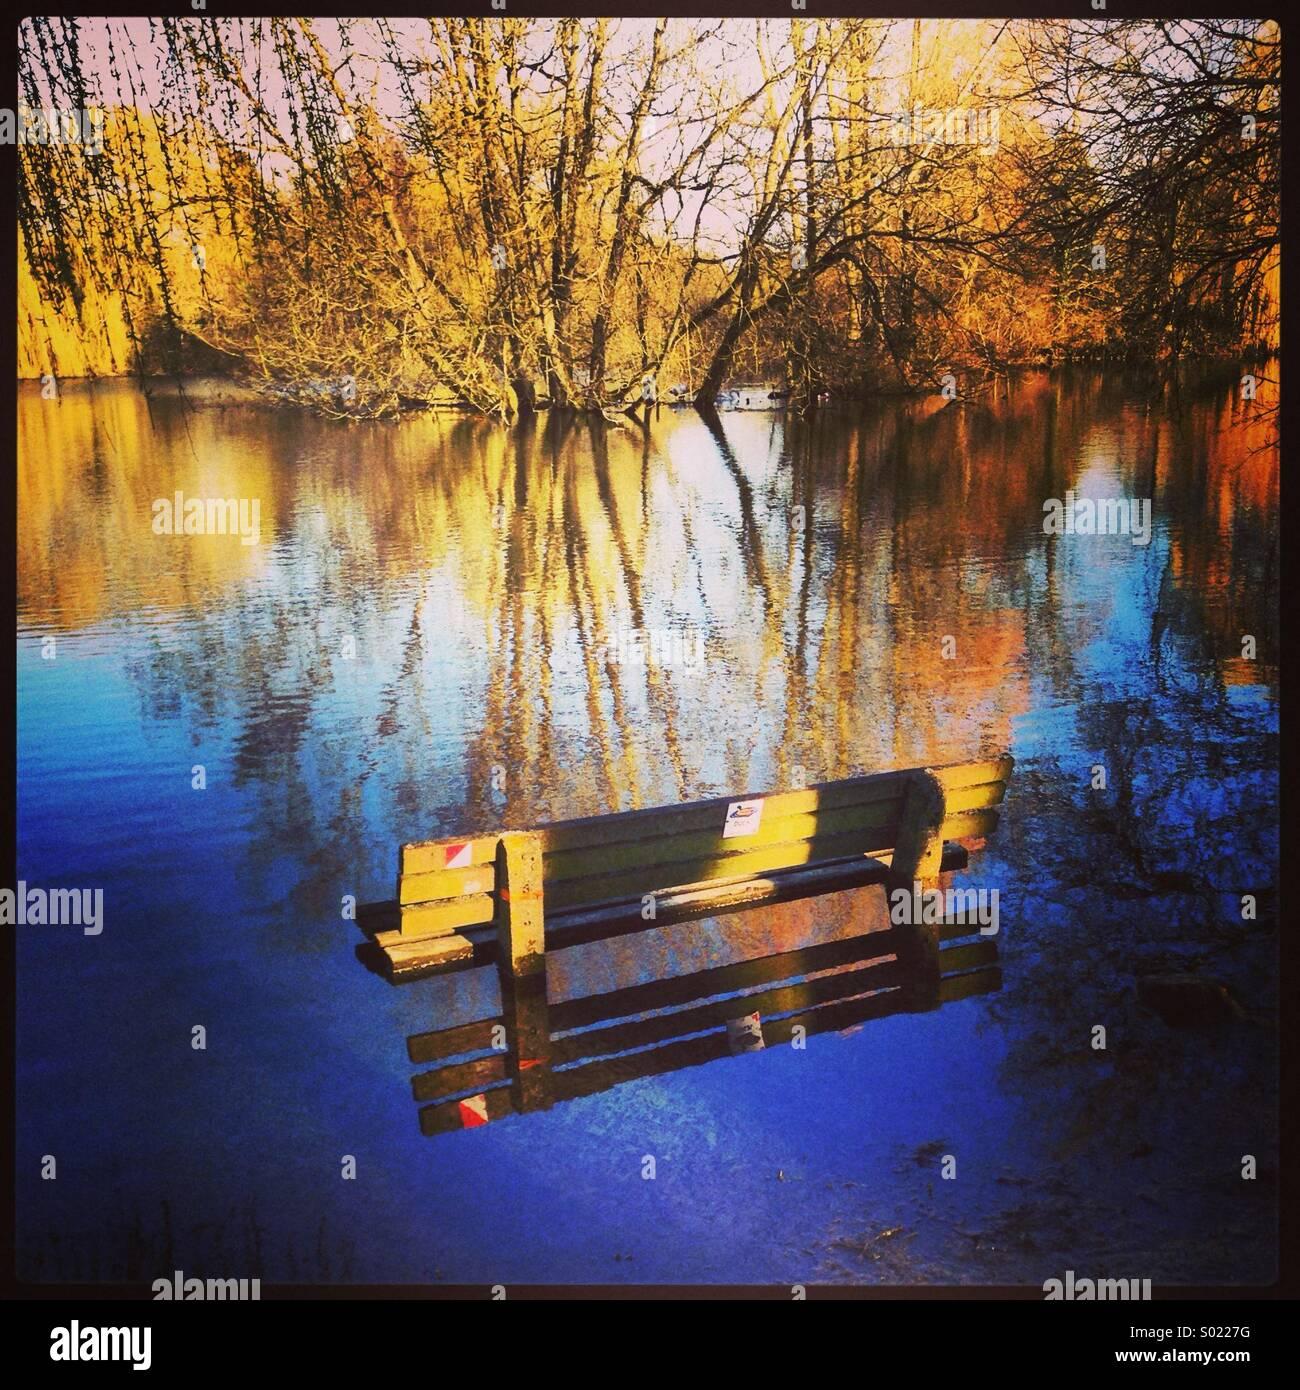 Lake bench - Stock Image